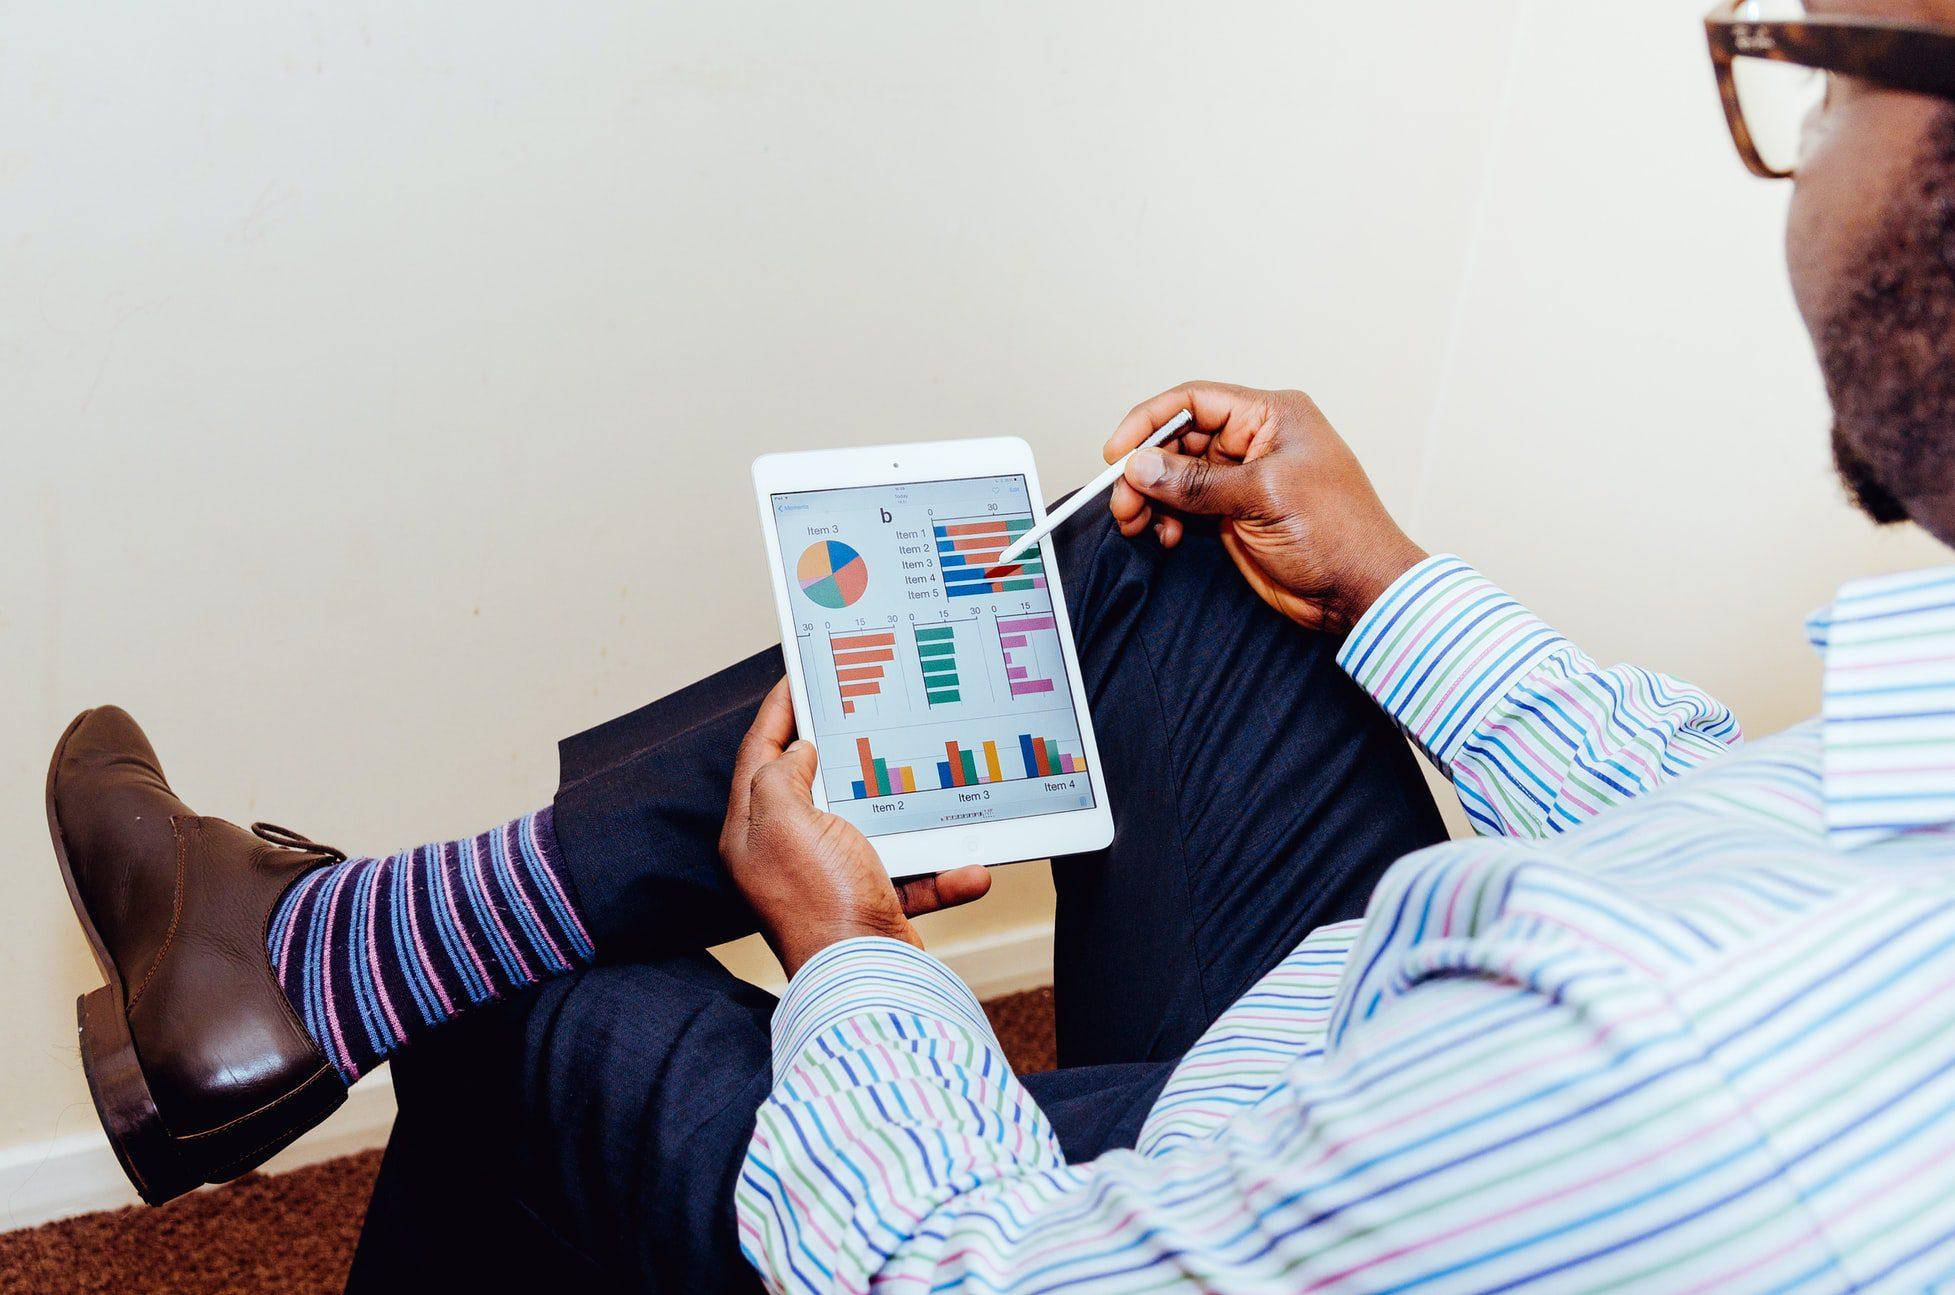 เรียนฟรี มีใบรับรอง 7 หลักสูตรออนไลน์ การลงทุนในอนุพันธ์ ตั้งแต่ฉบับมือใหม่ถึงลงลึก